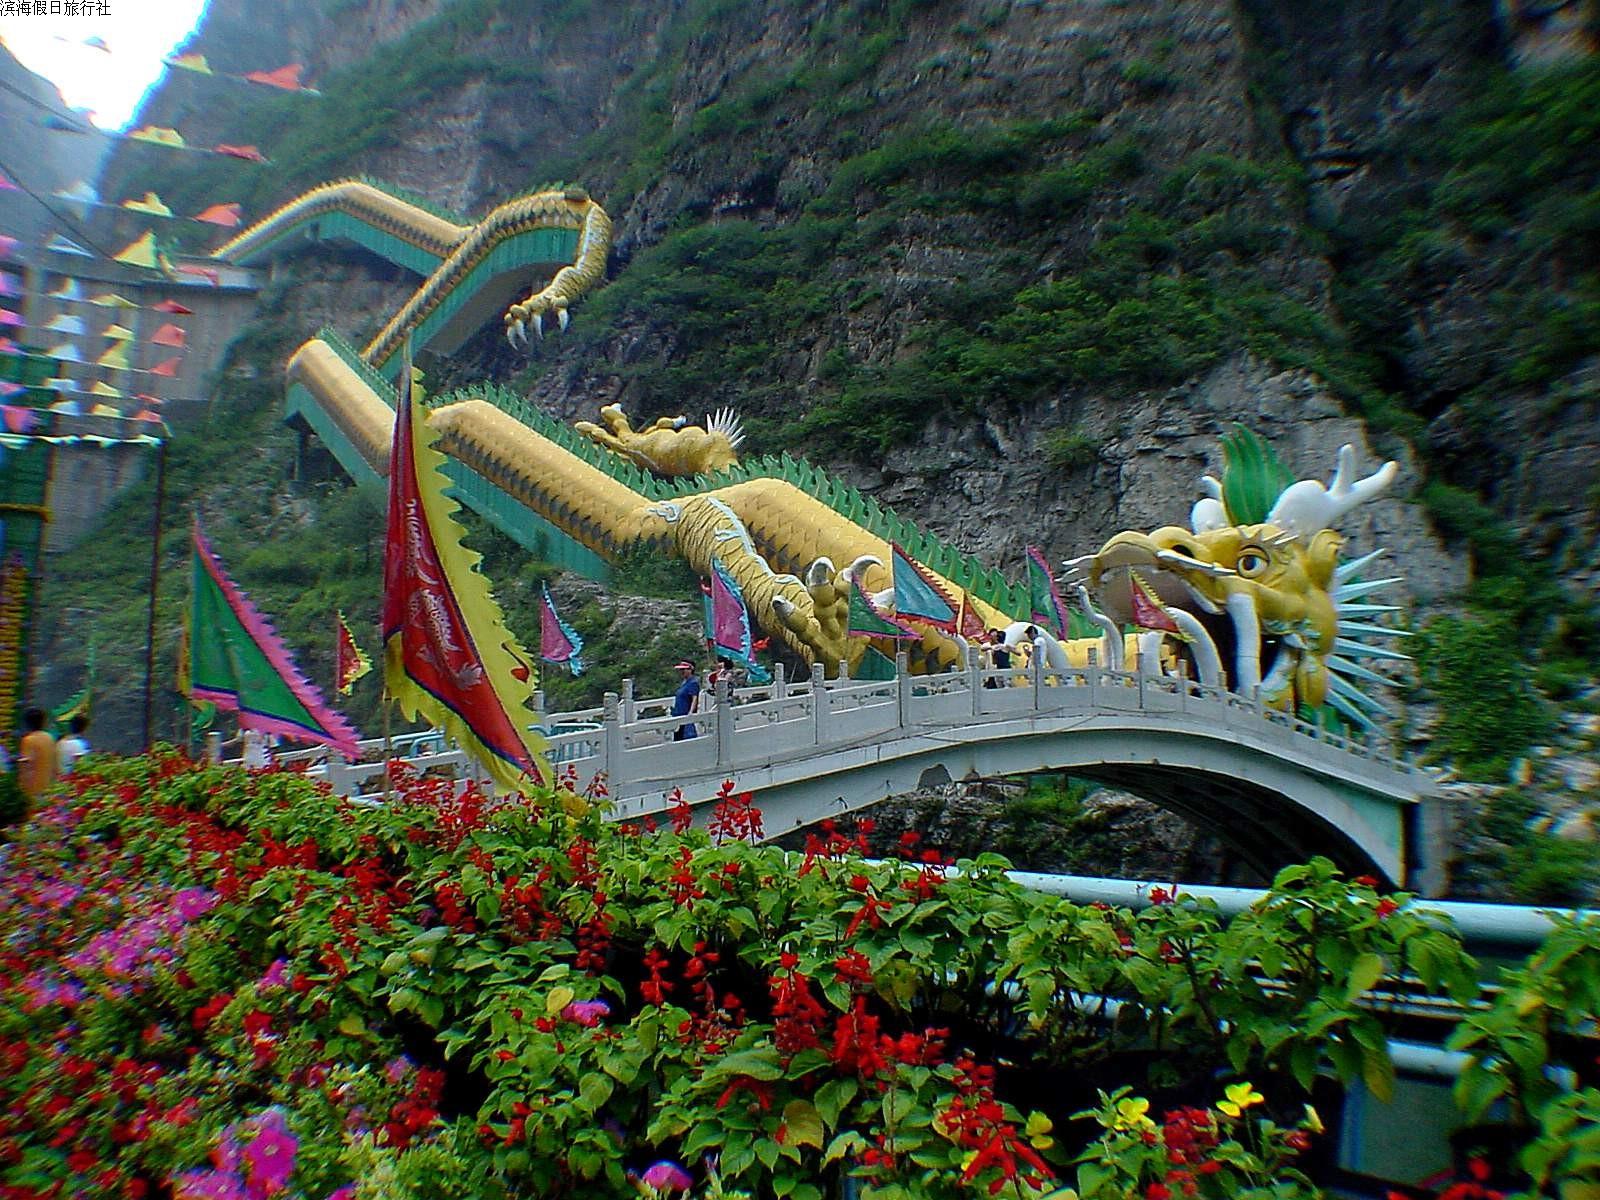 北京延庆松山国家森林公园旅游; 亚洲第一龙形电梯; 松山国家级森林